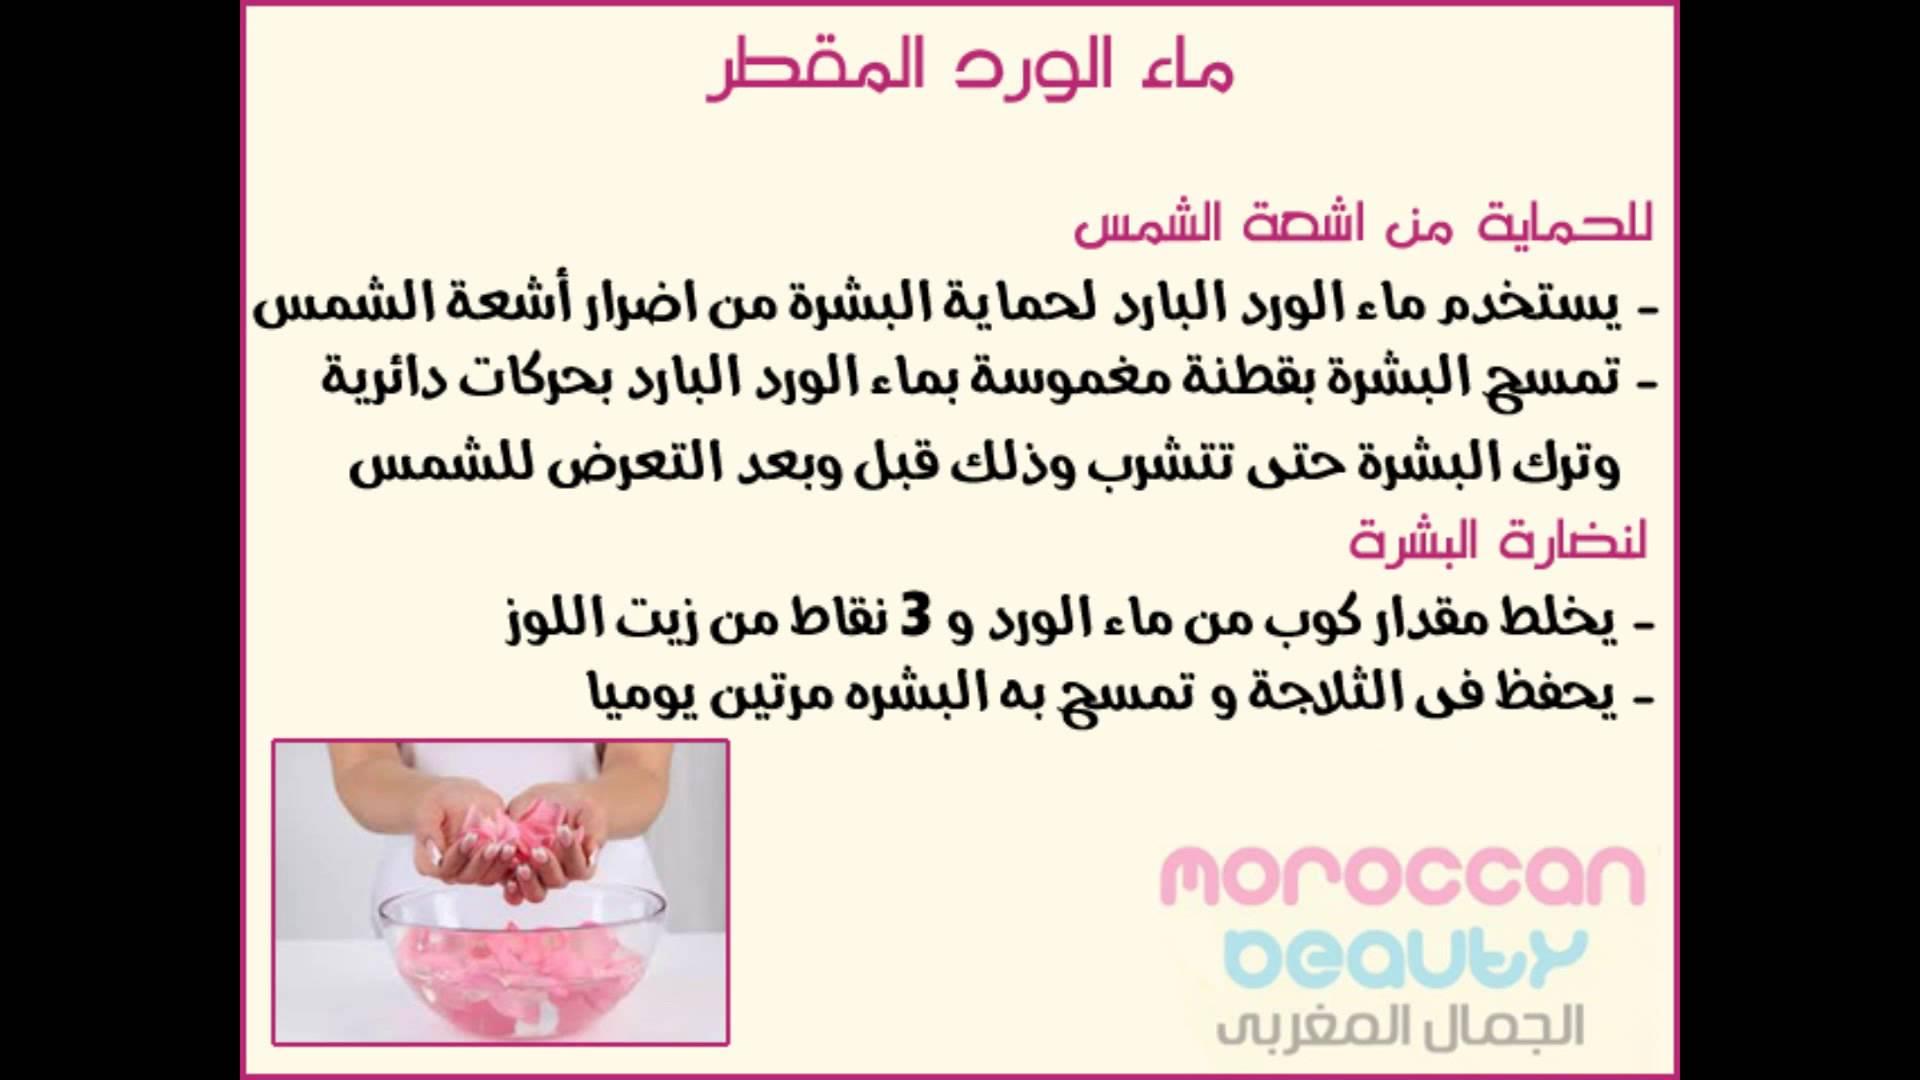 صور فوائد ماء الورد , الفوائد المتعددة لماء الورد